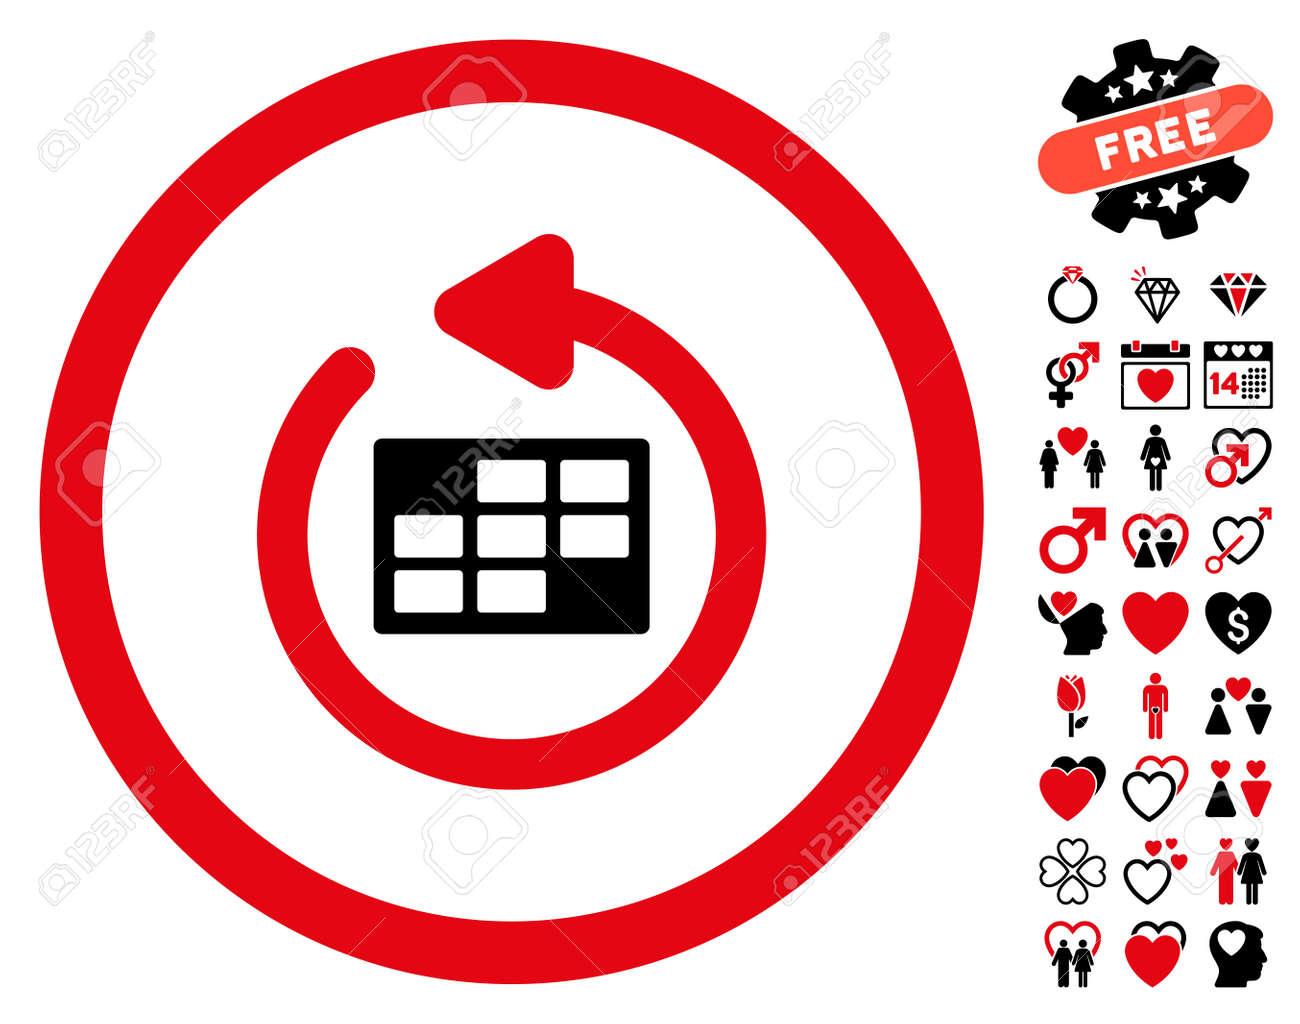 Actualizar Calendario.Actualizar El Pictograma Del Calendario Con Bonitos Simbolos Extra El Estilo Del Ejemplo Del Vector Es Simbolos Rojos Y Negros Intensos Iconicos